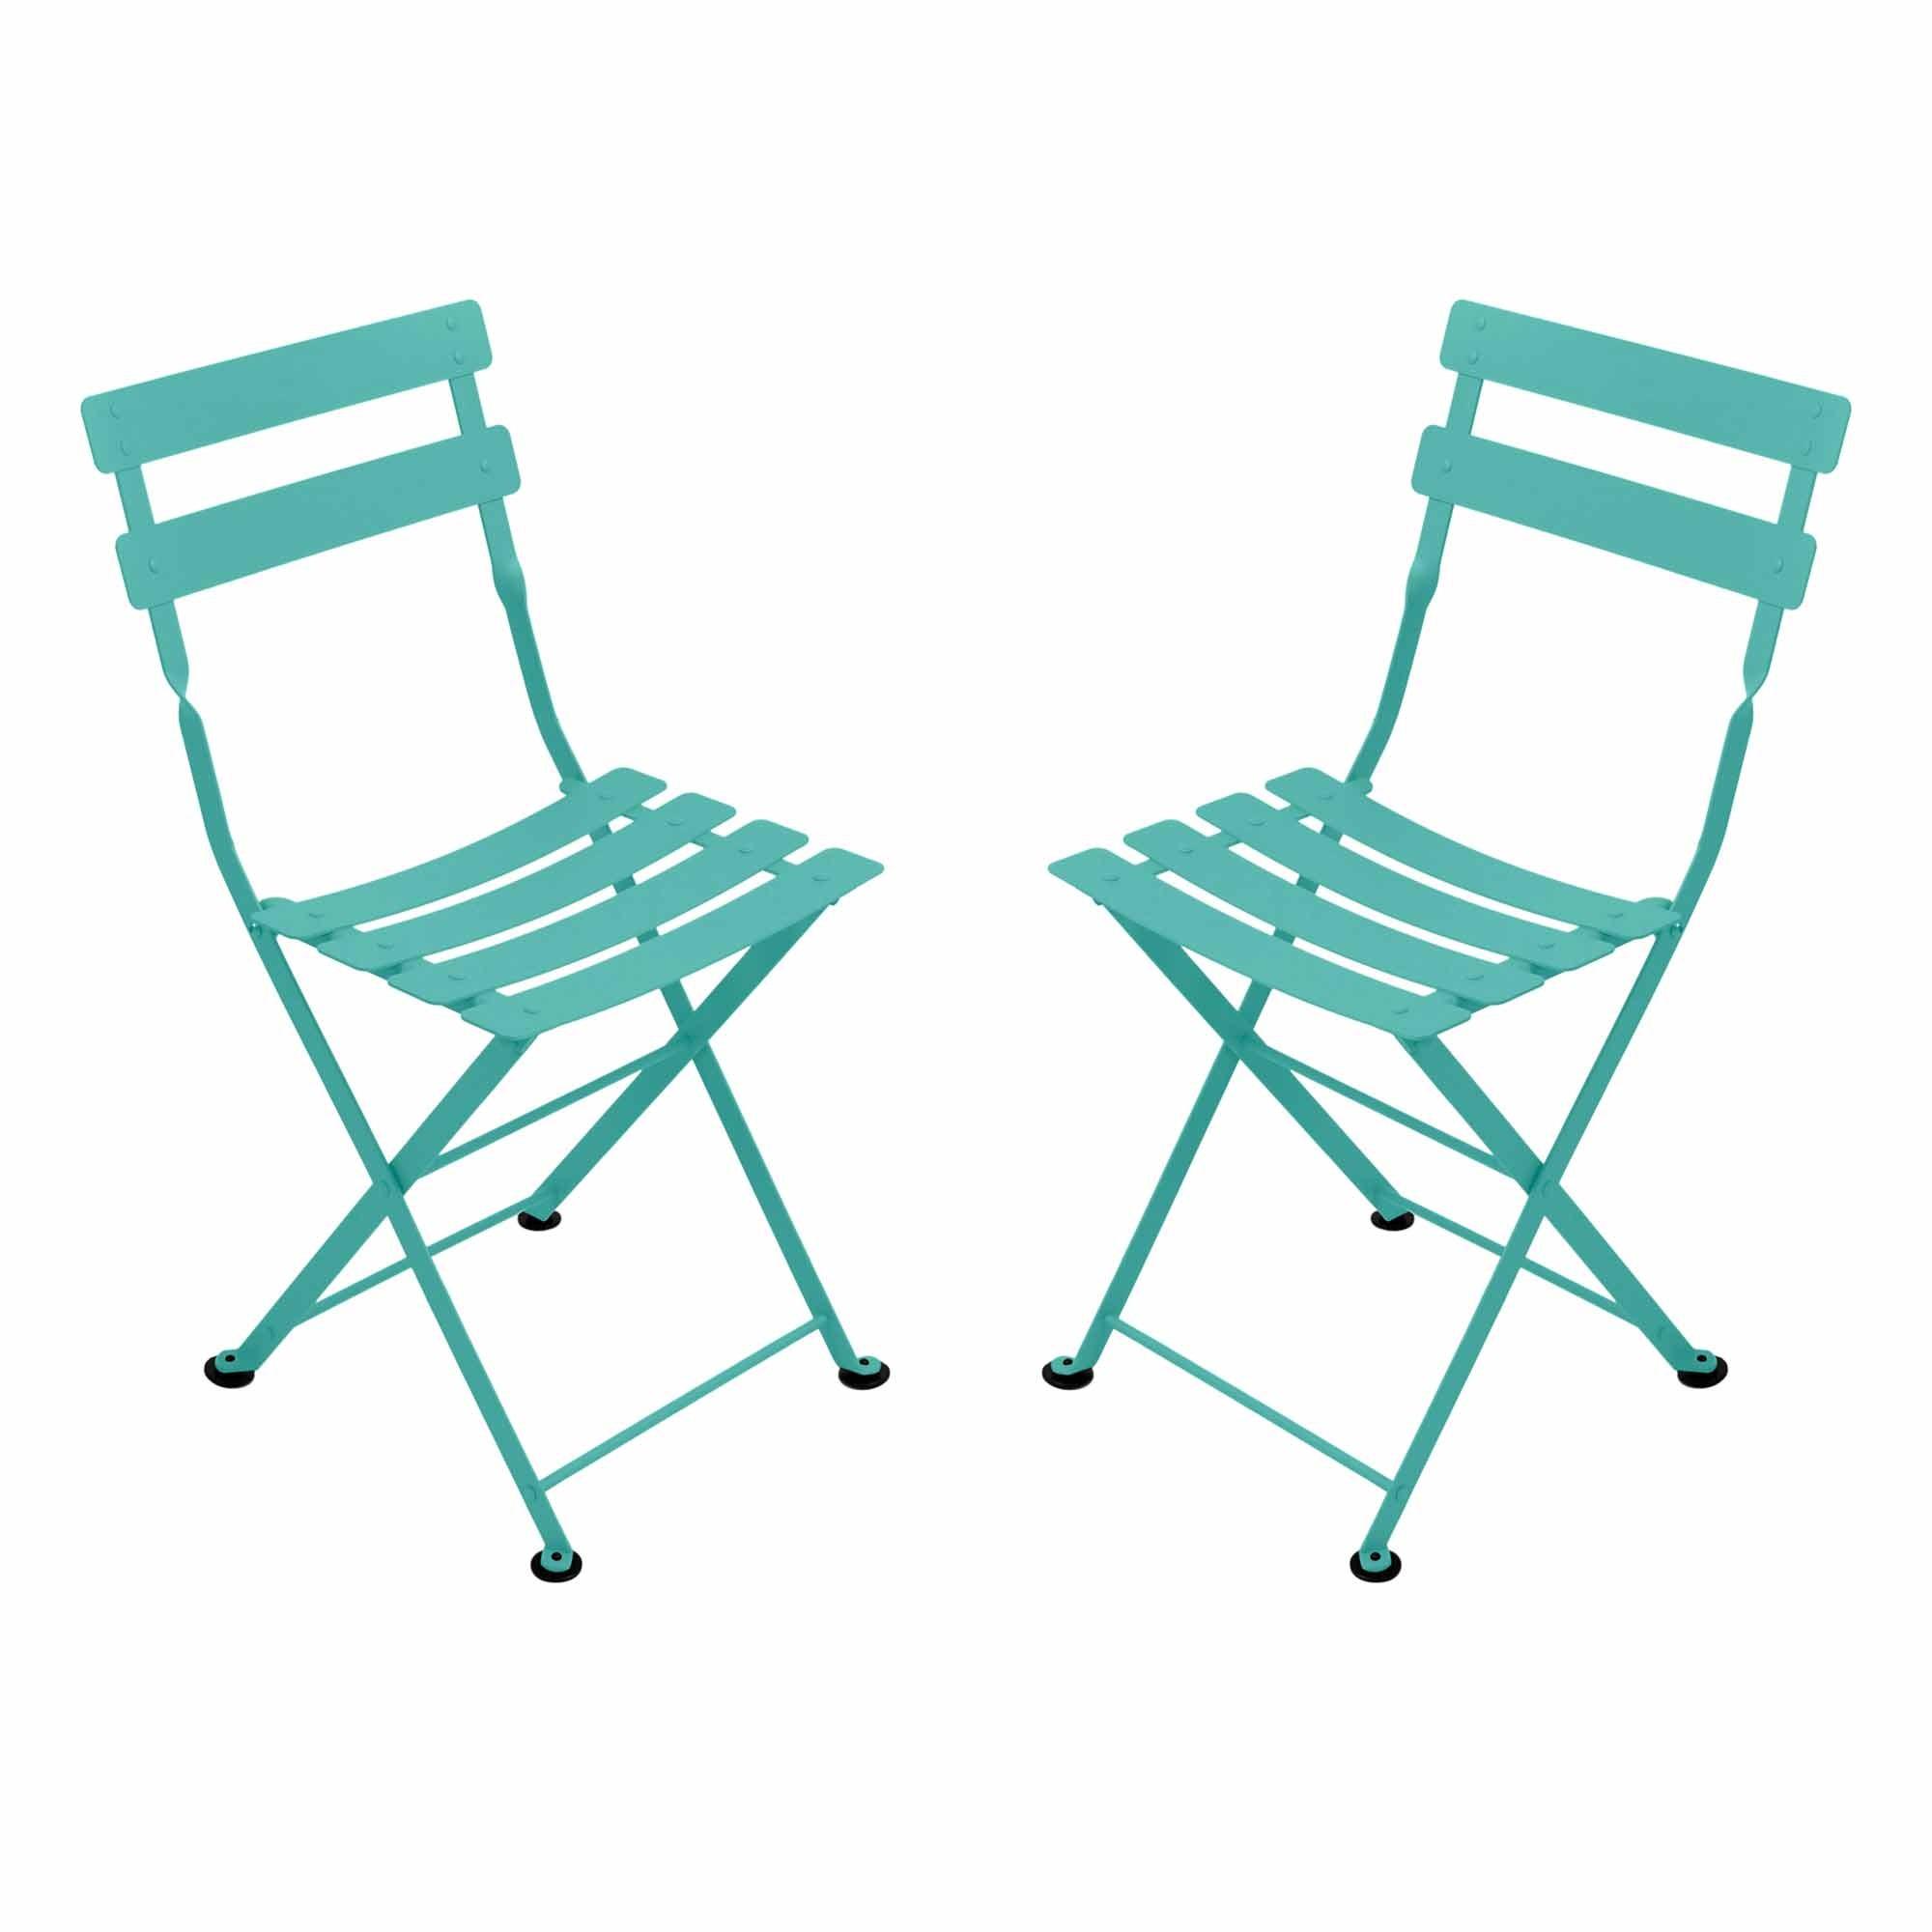 Chaise tom pouce de fermob bleu lagune - Fermob tom pouce ...